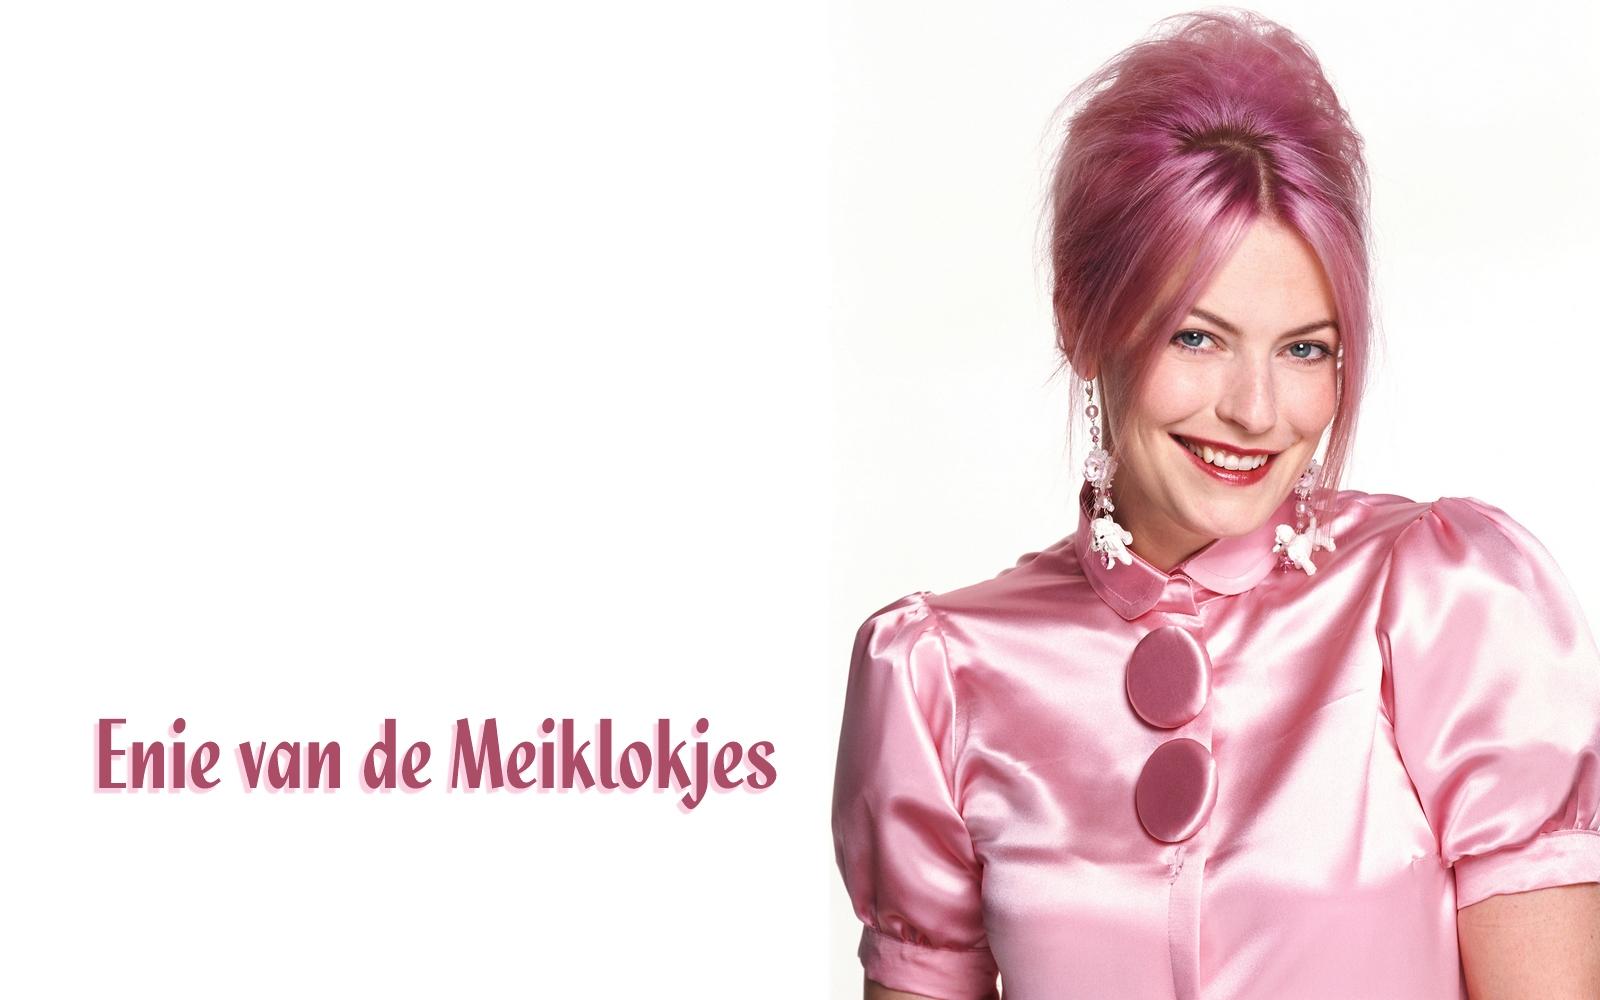 Enie Van De Meiklokjes Hochzeitskleid